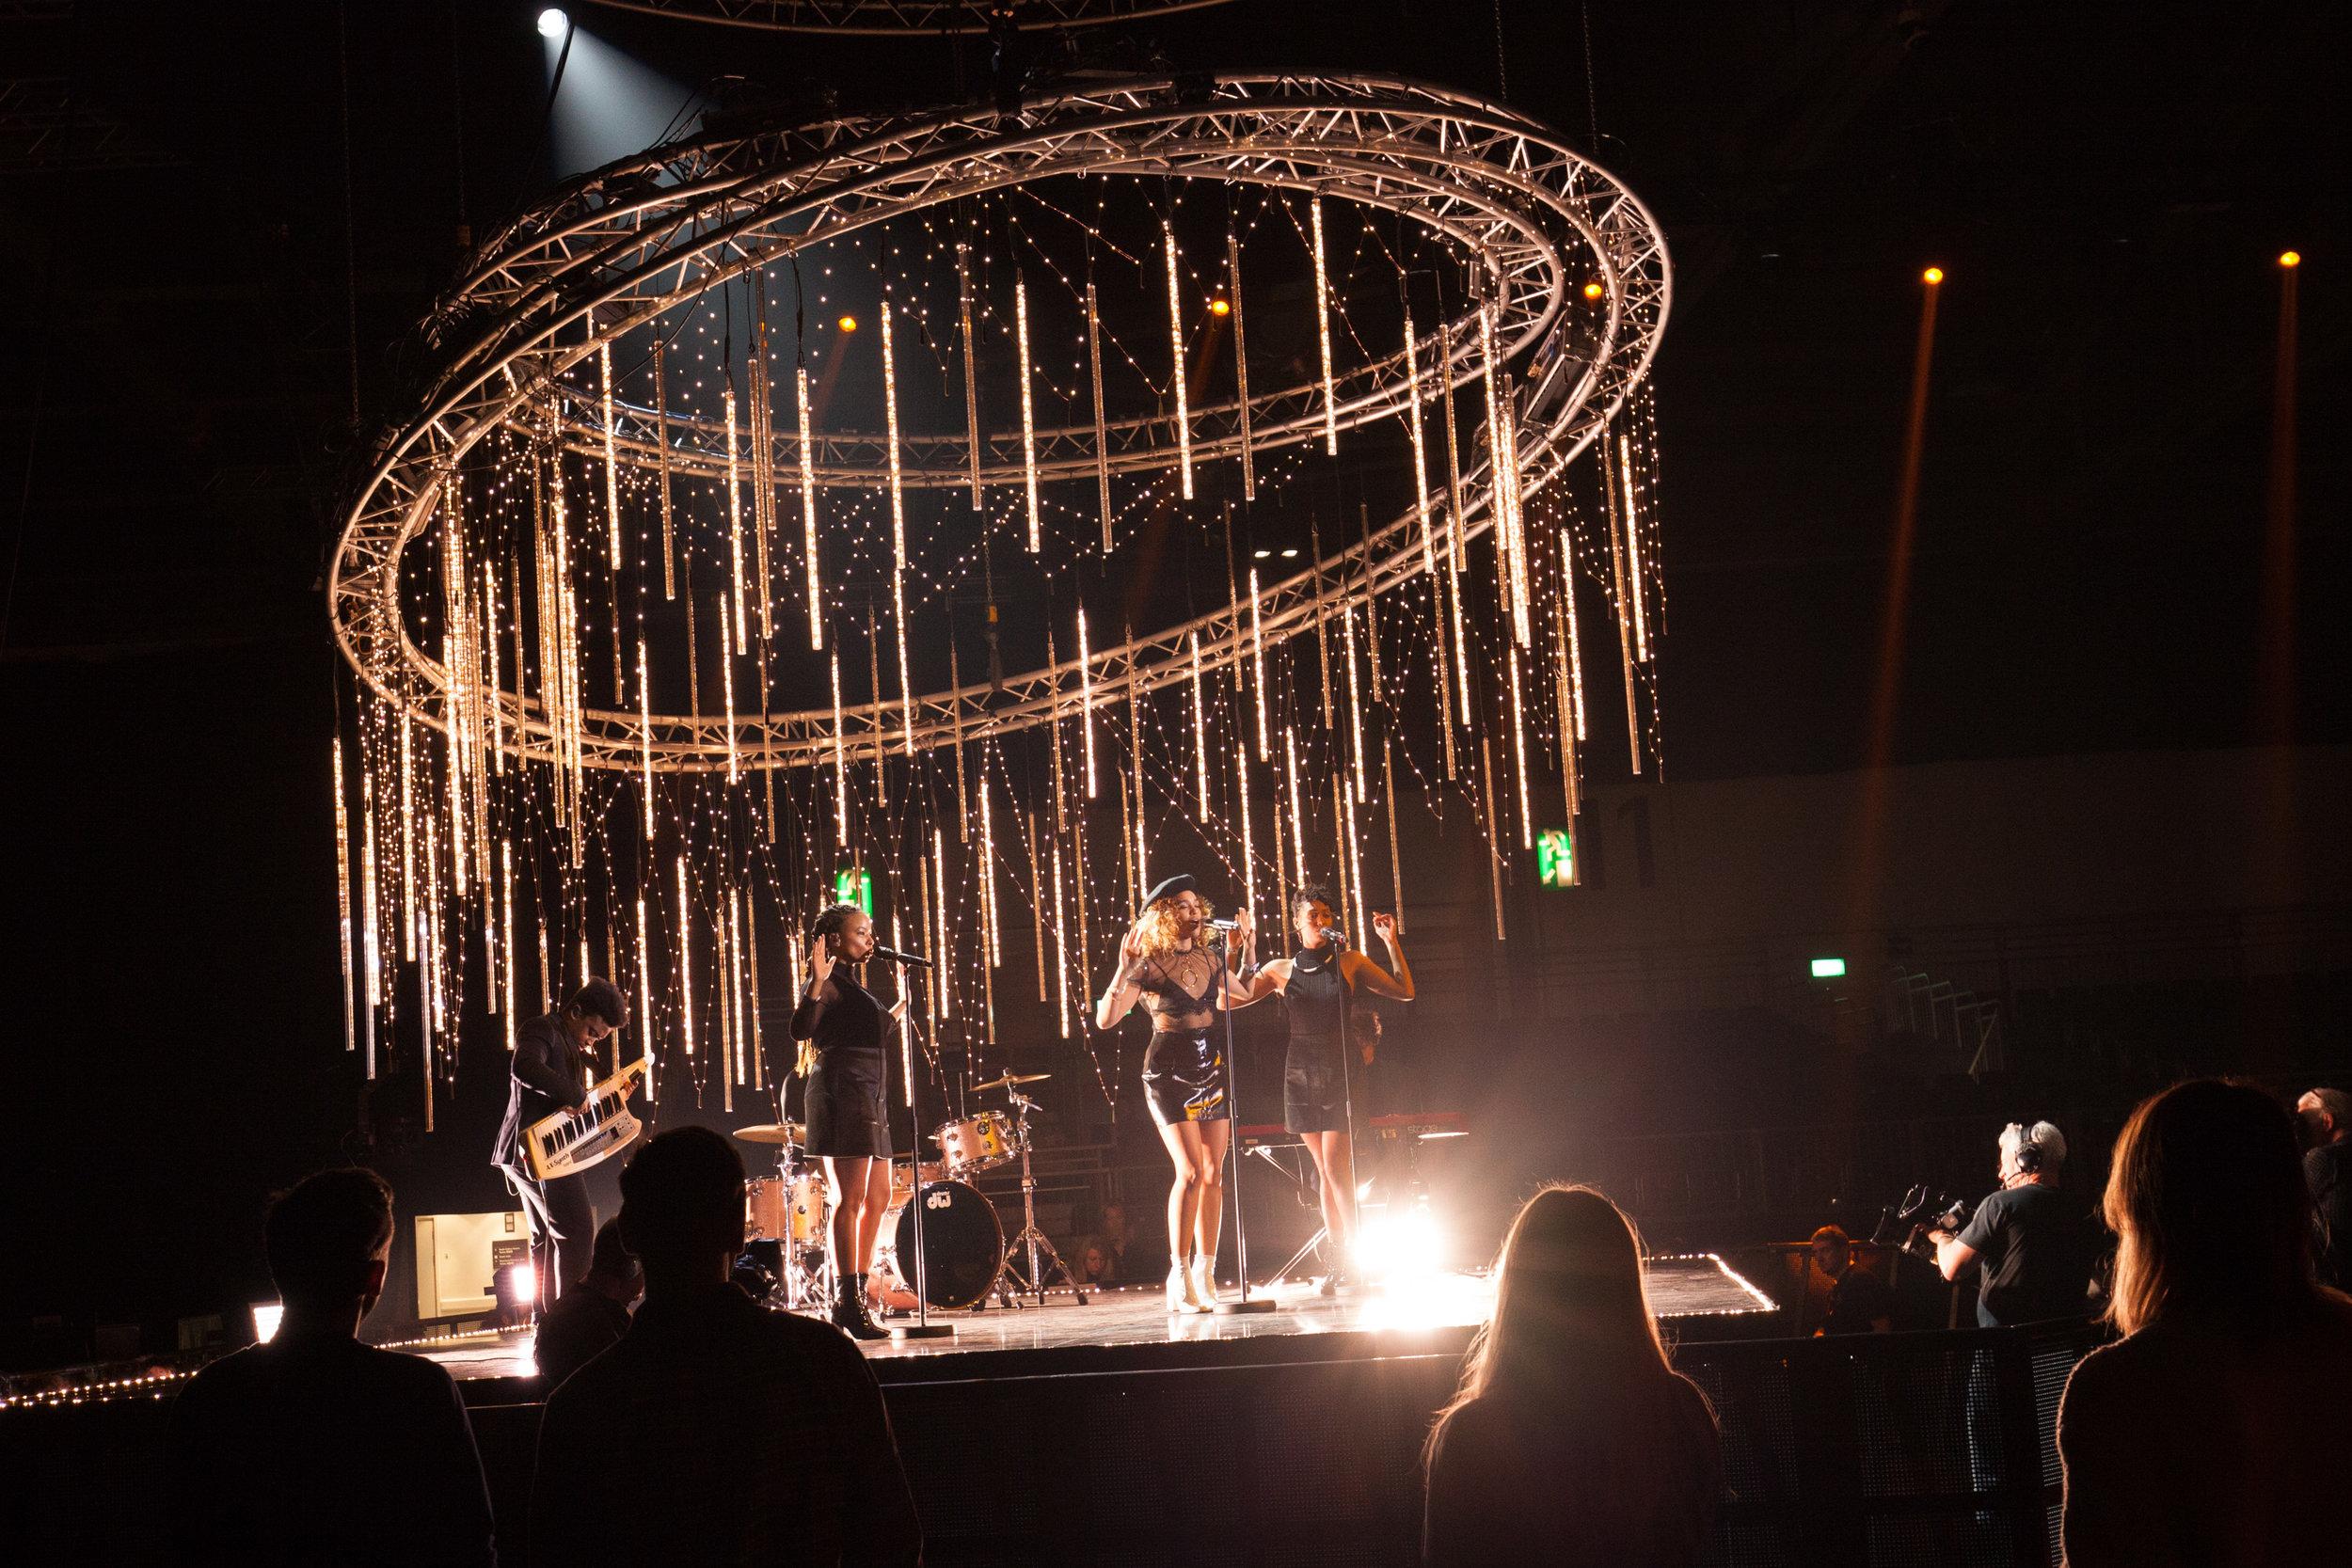 049_music_awards_16.jpg